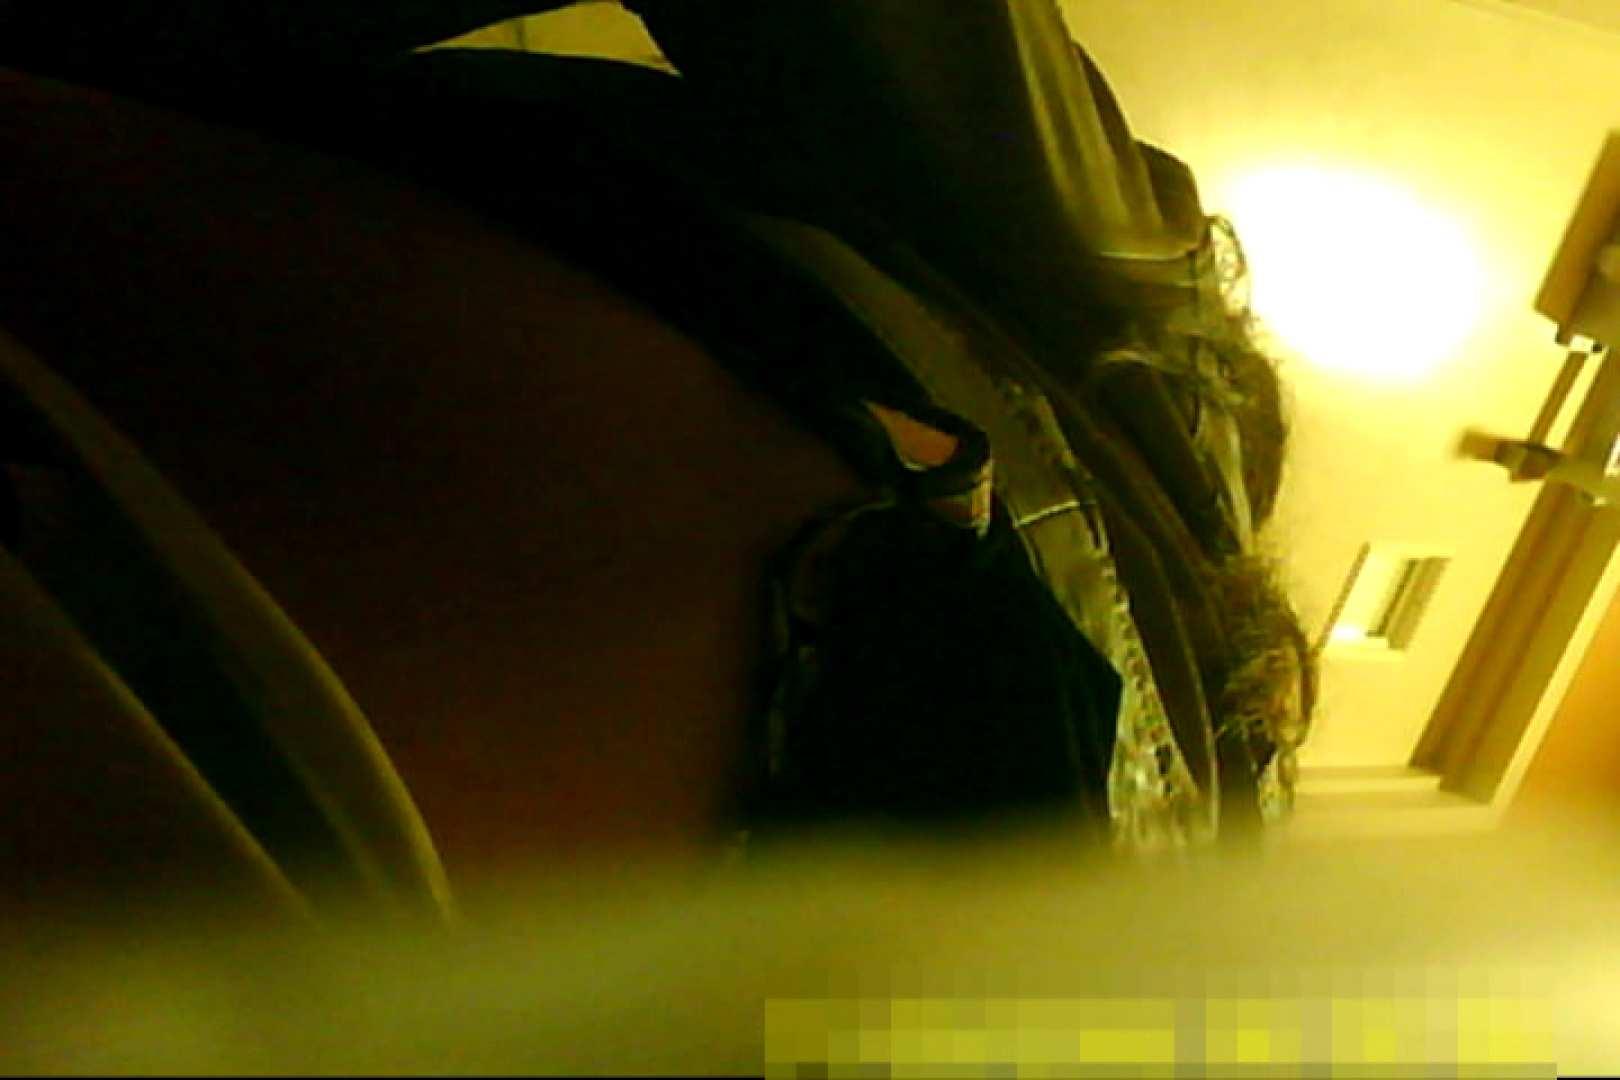 魅惑の化粧室~禁断のプライベート空間~31 盗撮 セックス画像 64pic 17